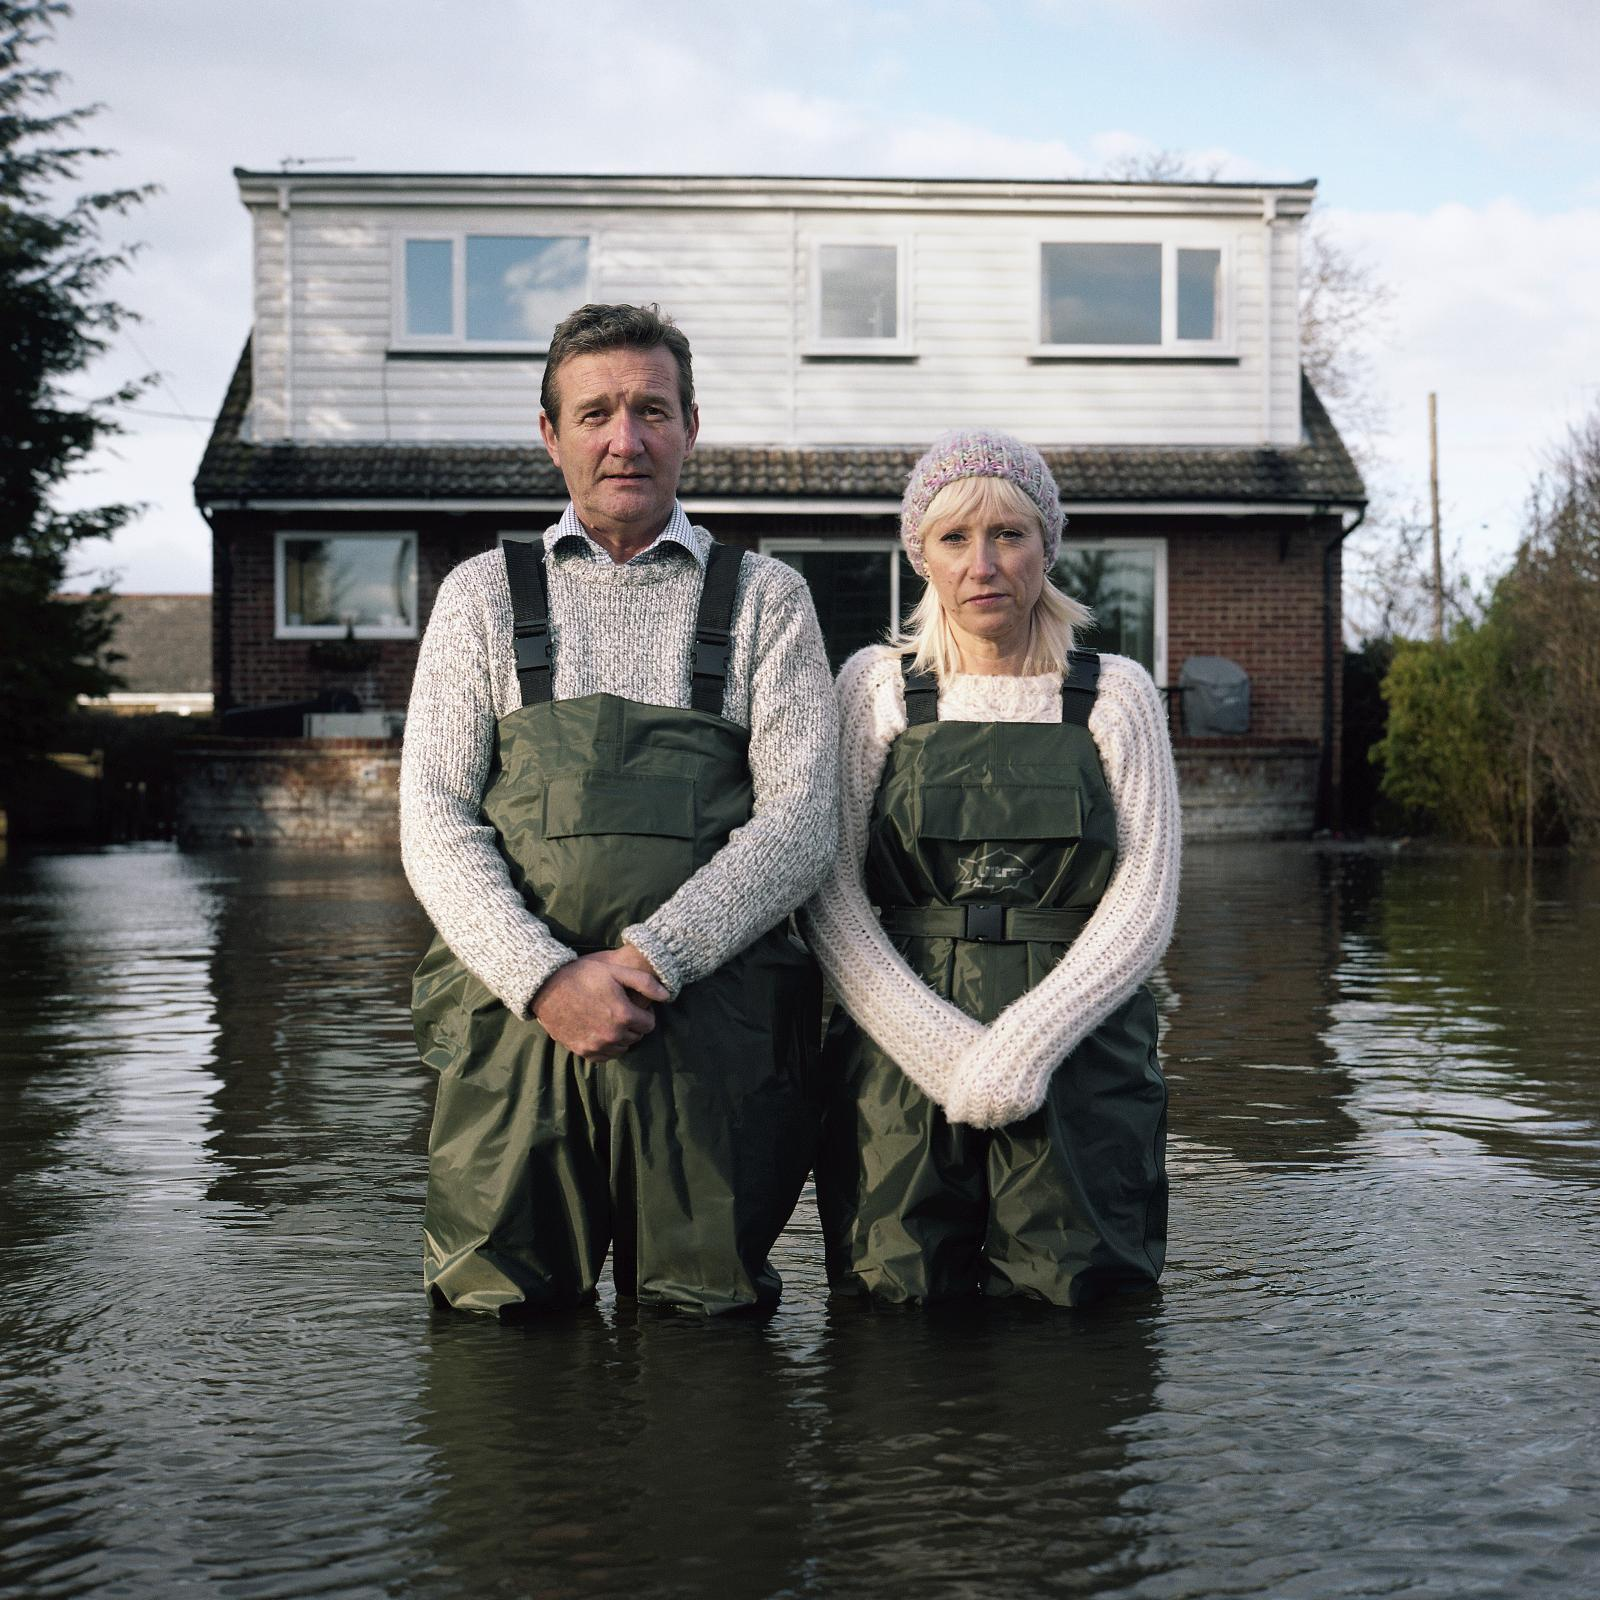 Gidéon Mendel, Jeff and Tracey Waters, Staines-upon-Thames, Surrey, Royaume-Uni, février2014, série «Portraits submergés». Exposition «Un monde qui s